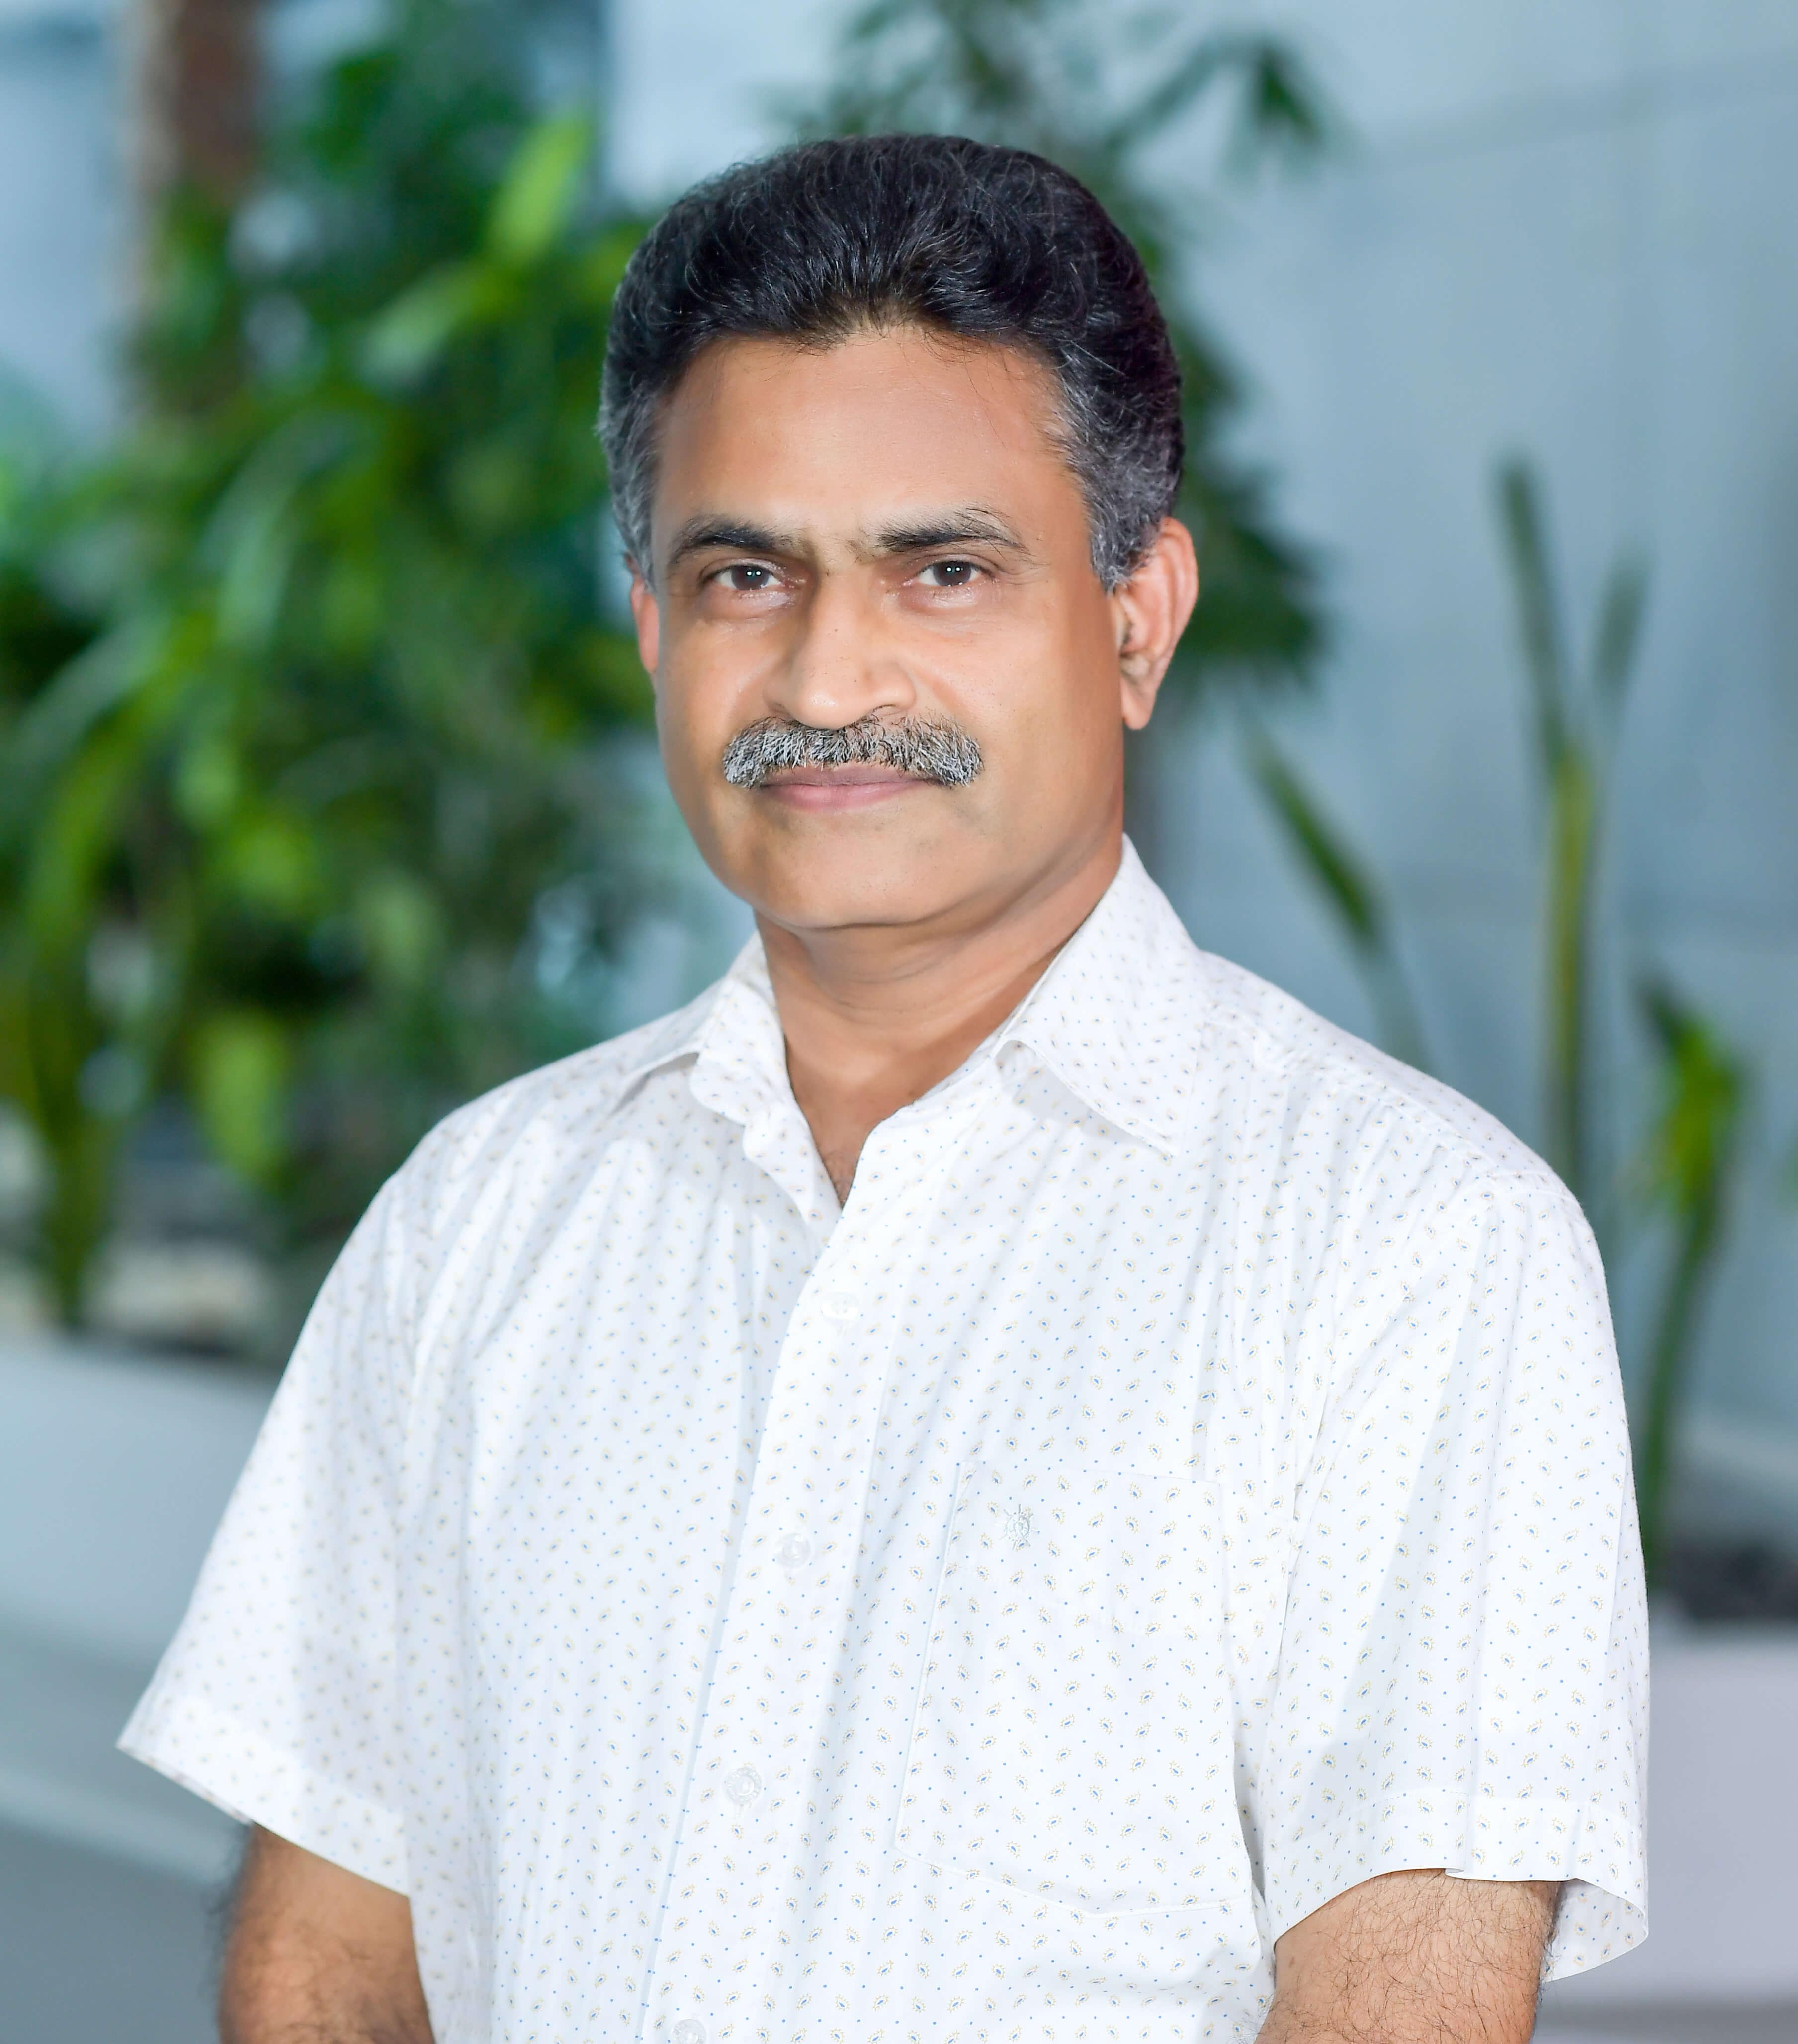 Nazarudeen Abdul Aziz